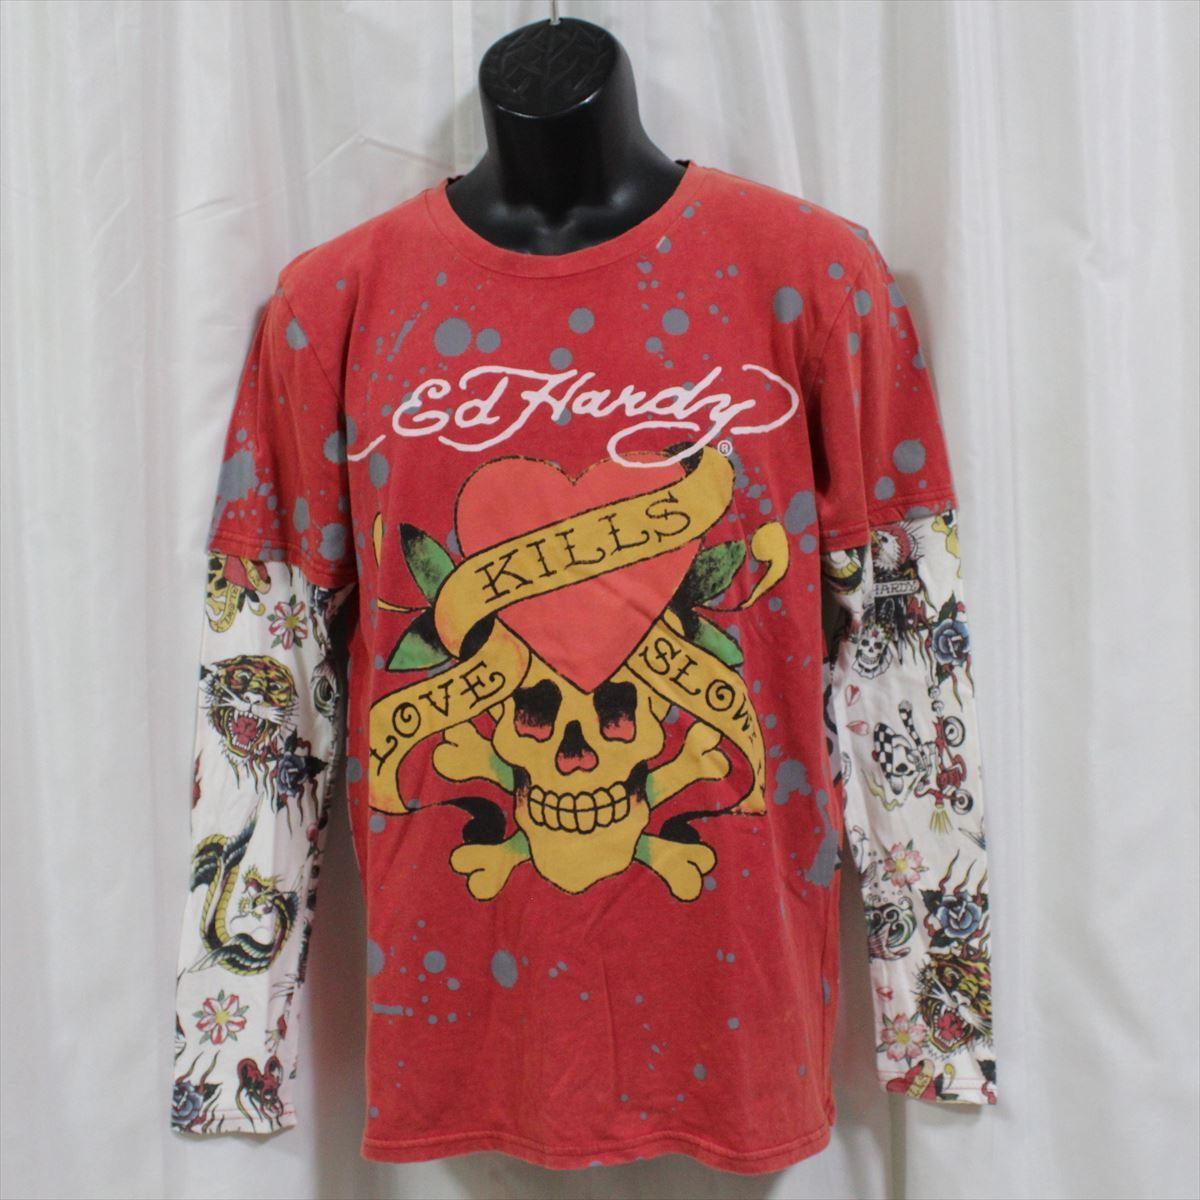 エドハーディー ED HARDY メンズ長袖Tシャツ M03VDS052 レッド Lサイズ 新品 ダブルスリーブ LOVE KILL SLOWLY_画像1